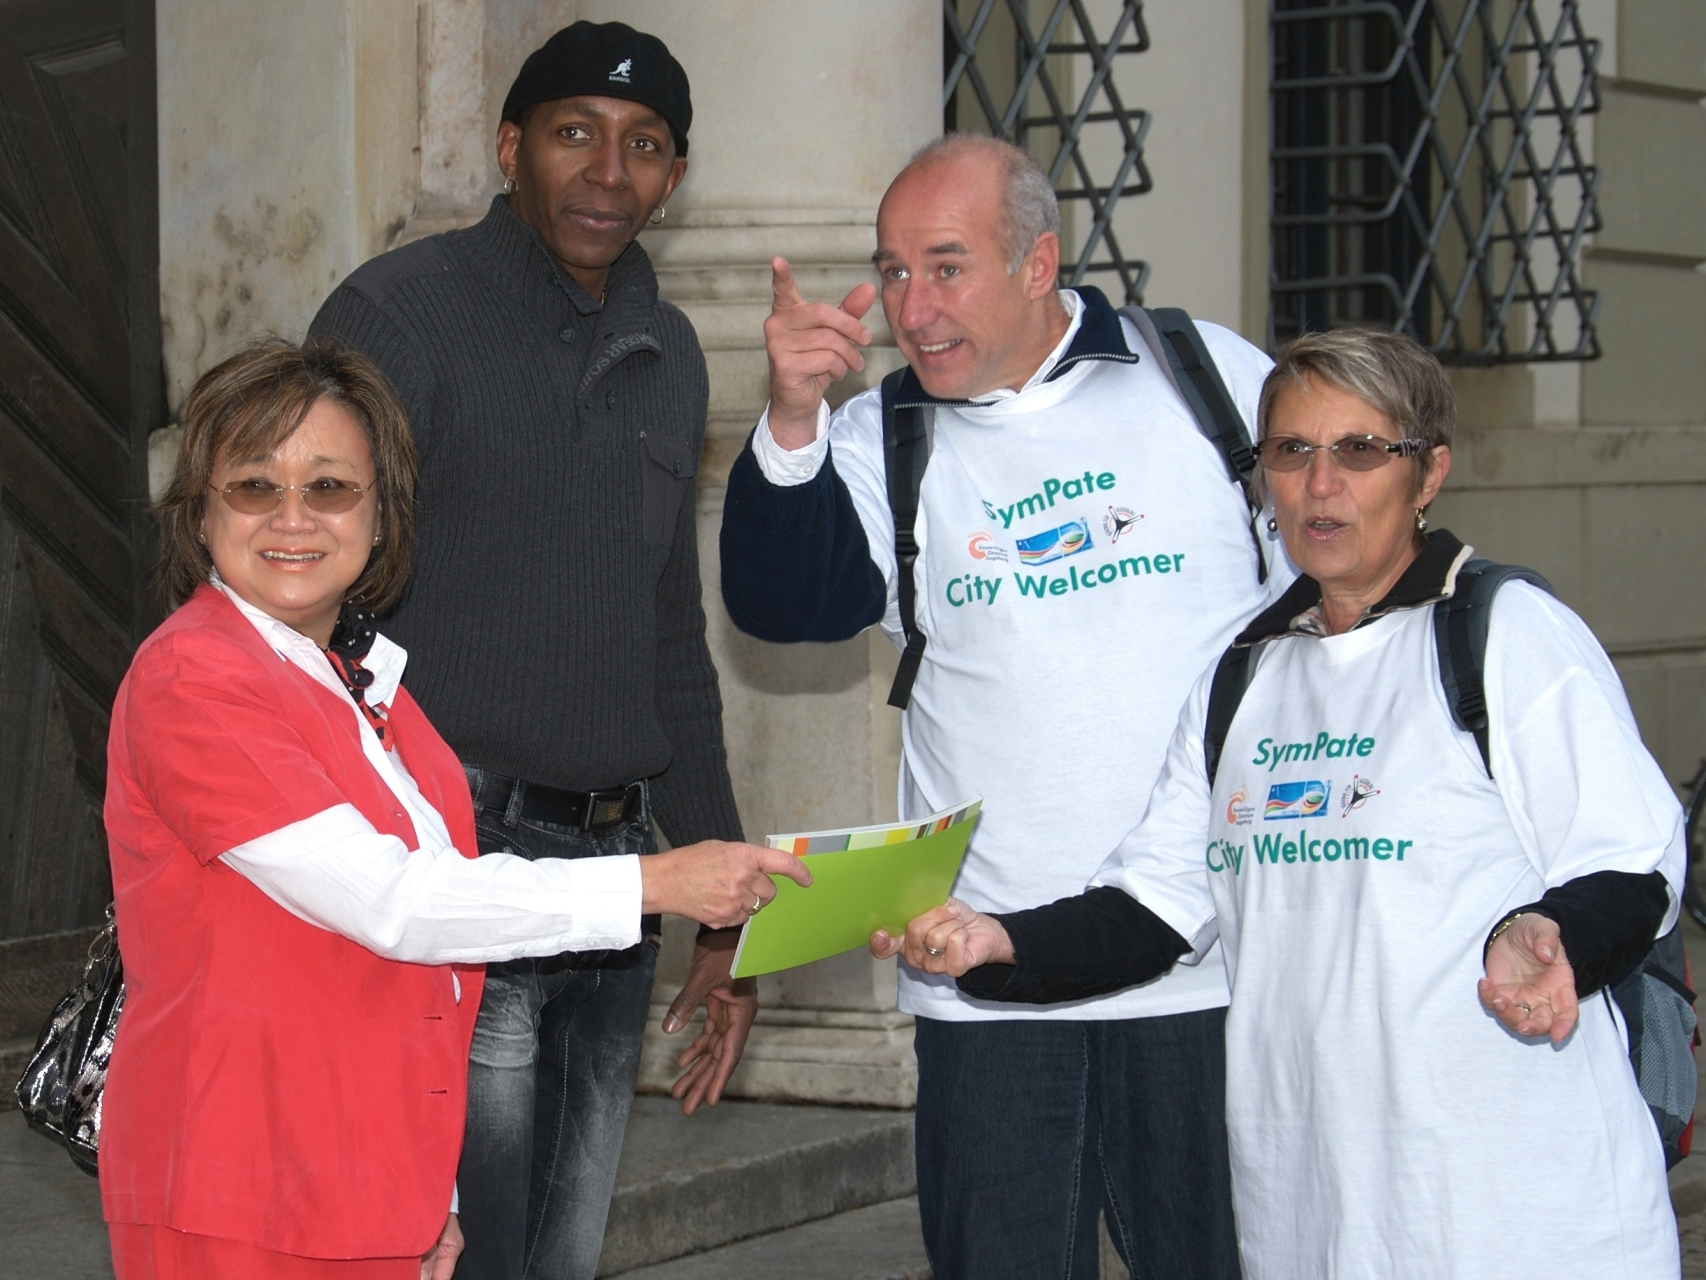 SymPaten - City Welcomers 2011 - Foto: Martin Schönberger - Freiwilligen-Zentrum Augsburg